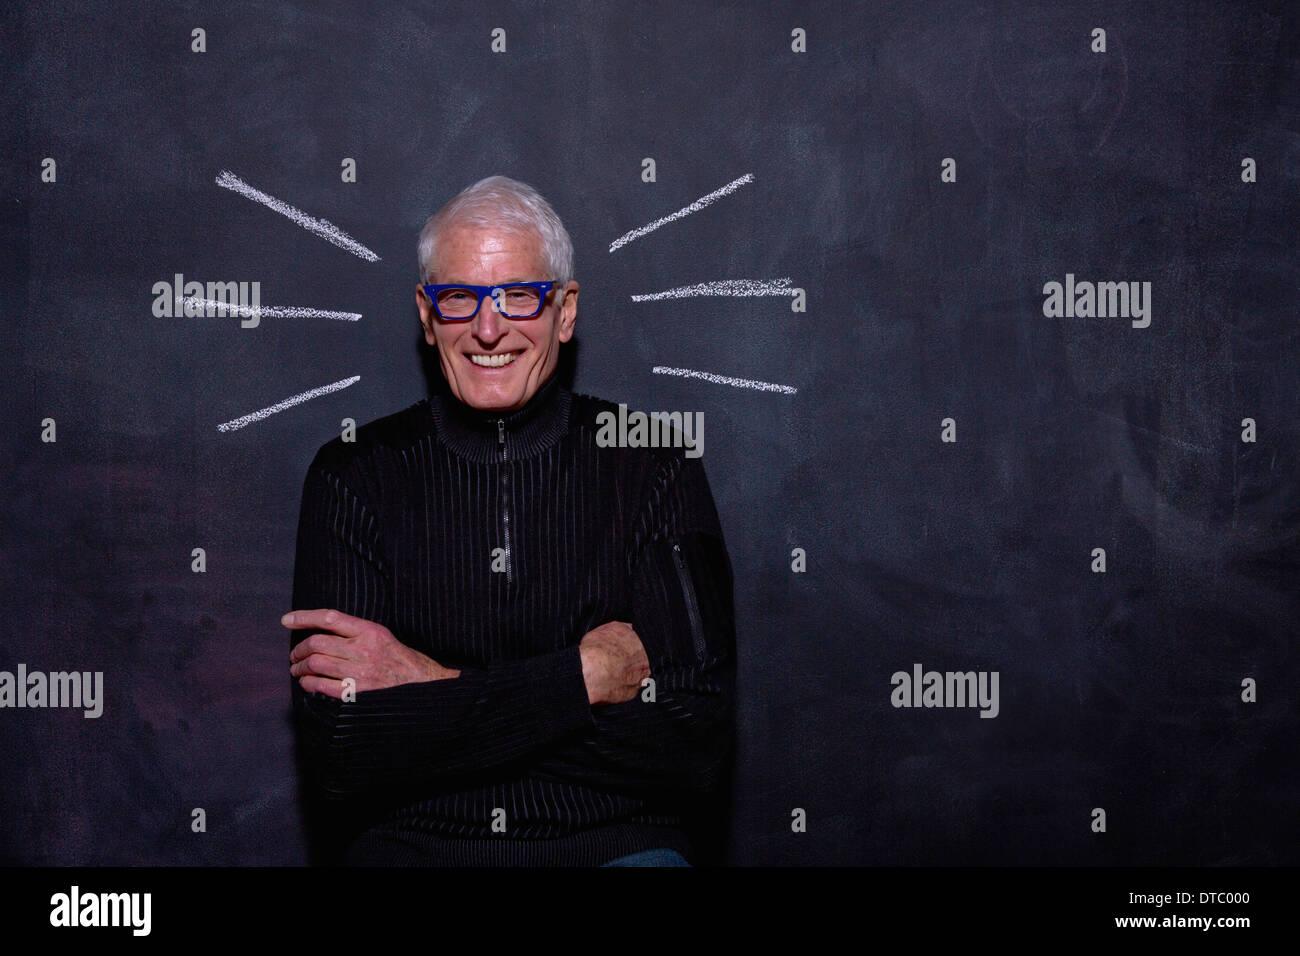 Retrato del hombre delante de senior anotado, líneas en la pizarra Imagen De Stock